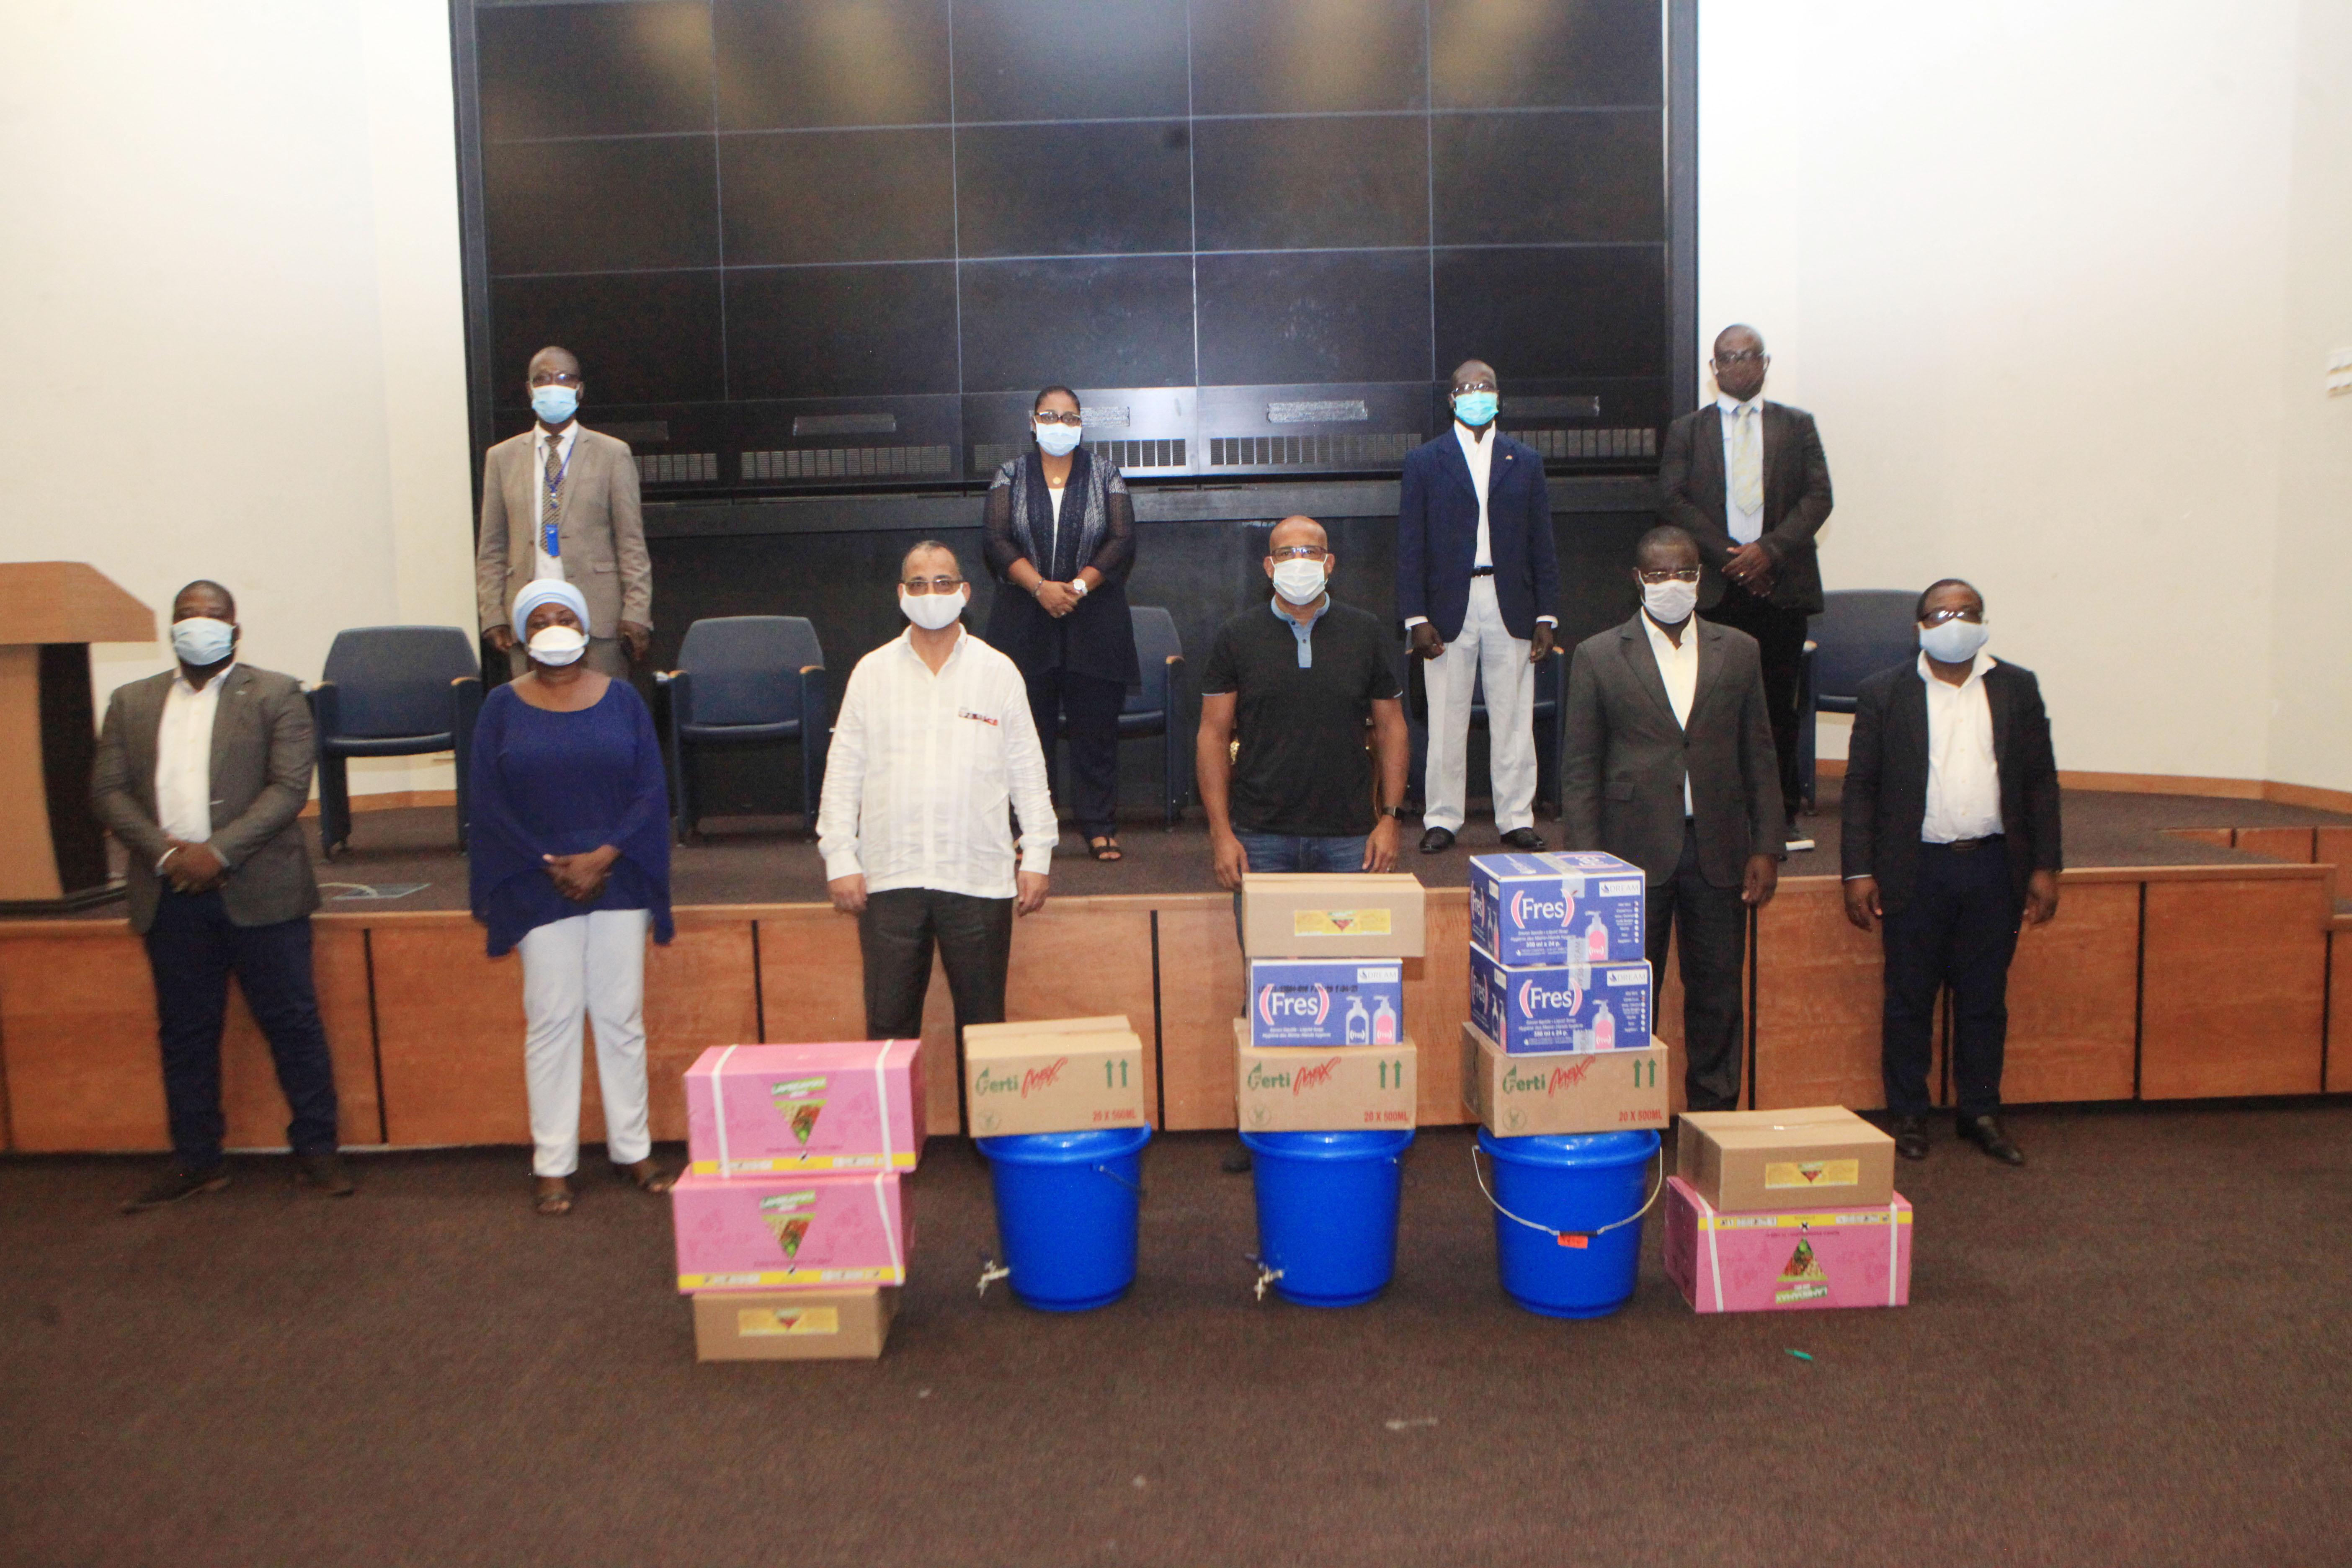 Action humanitaire: Don de l'entreprise A2P à la CECI, la Croix rouge de Côte d'Ivoire et au Haut Patronat des Commerçants et Opérateurs économiques de Côte d'Ivoire